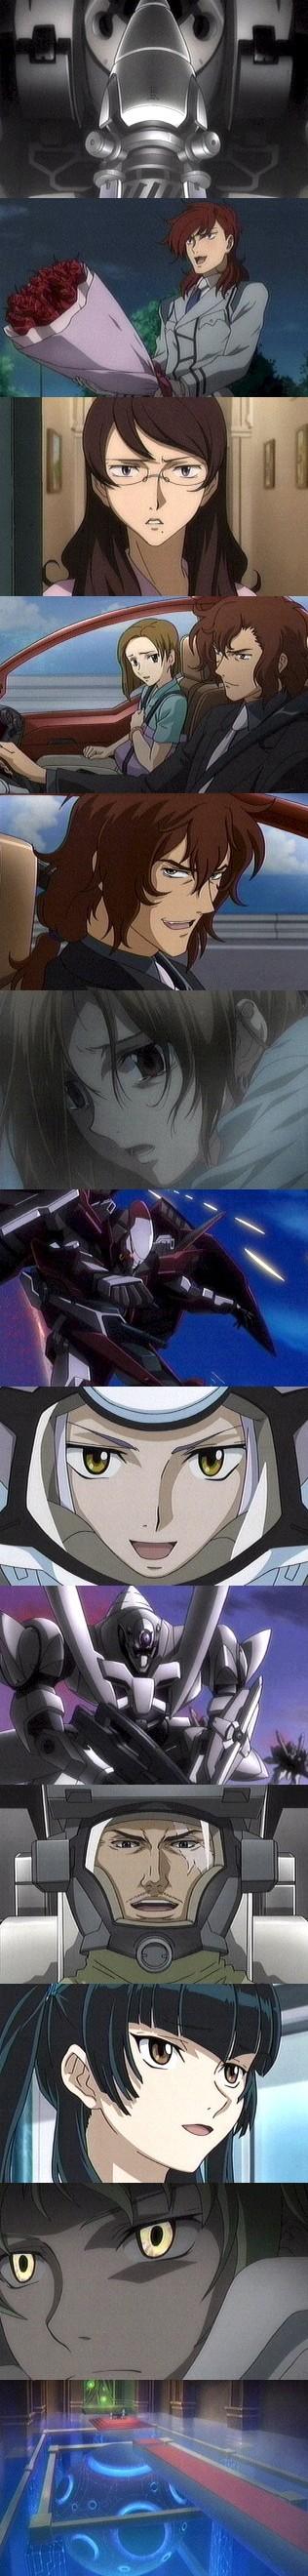 機動戦士ガンダムOO 第20話